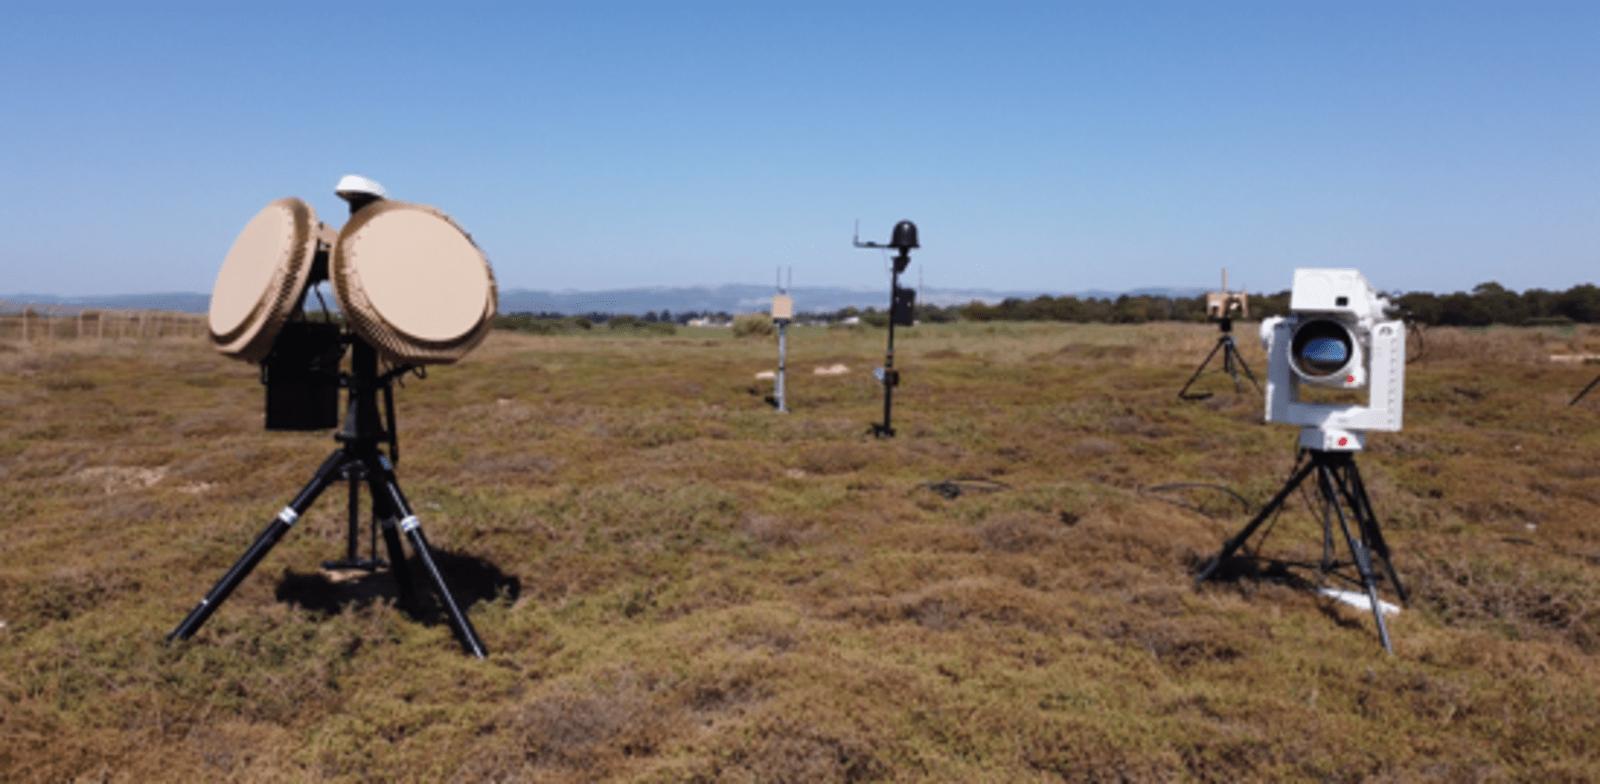 מערכת ההגנה DRONE DOME של רפאל / צילום: רפאל